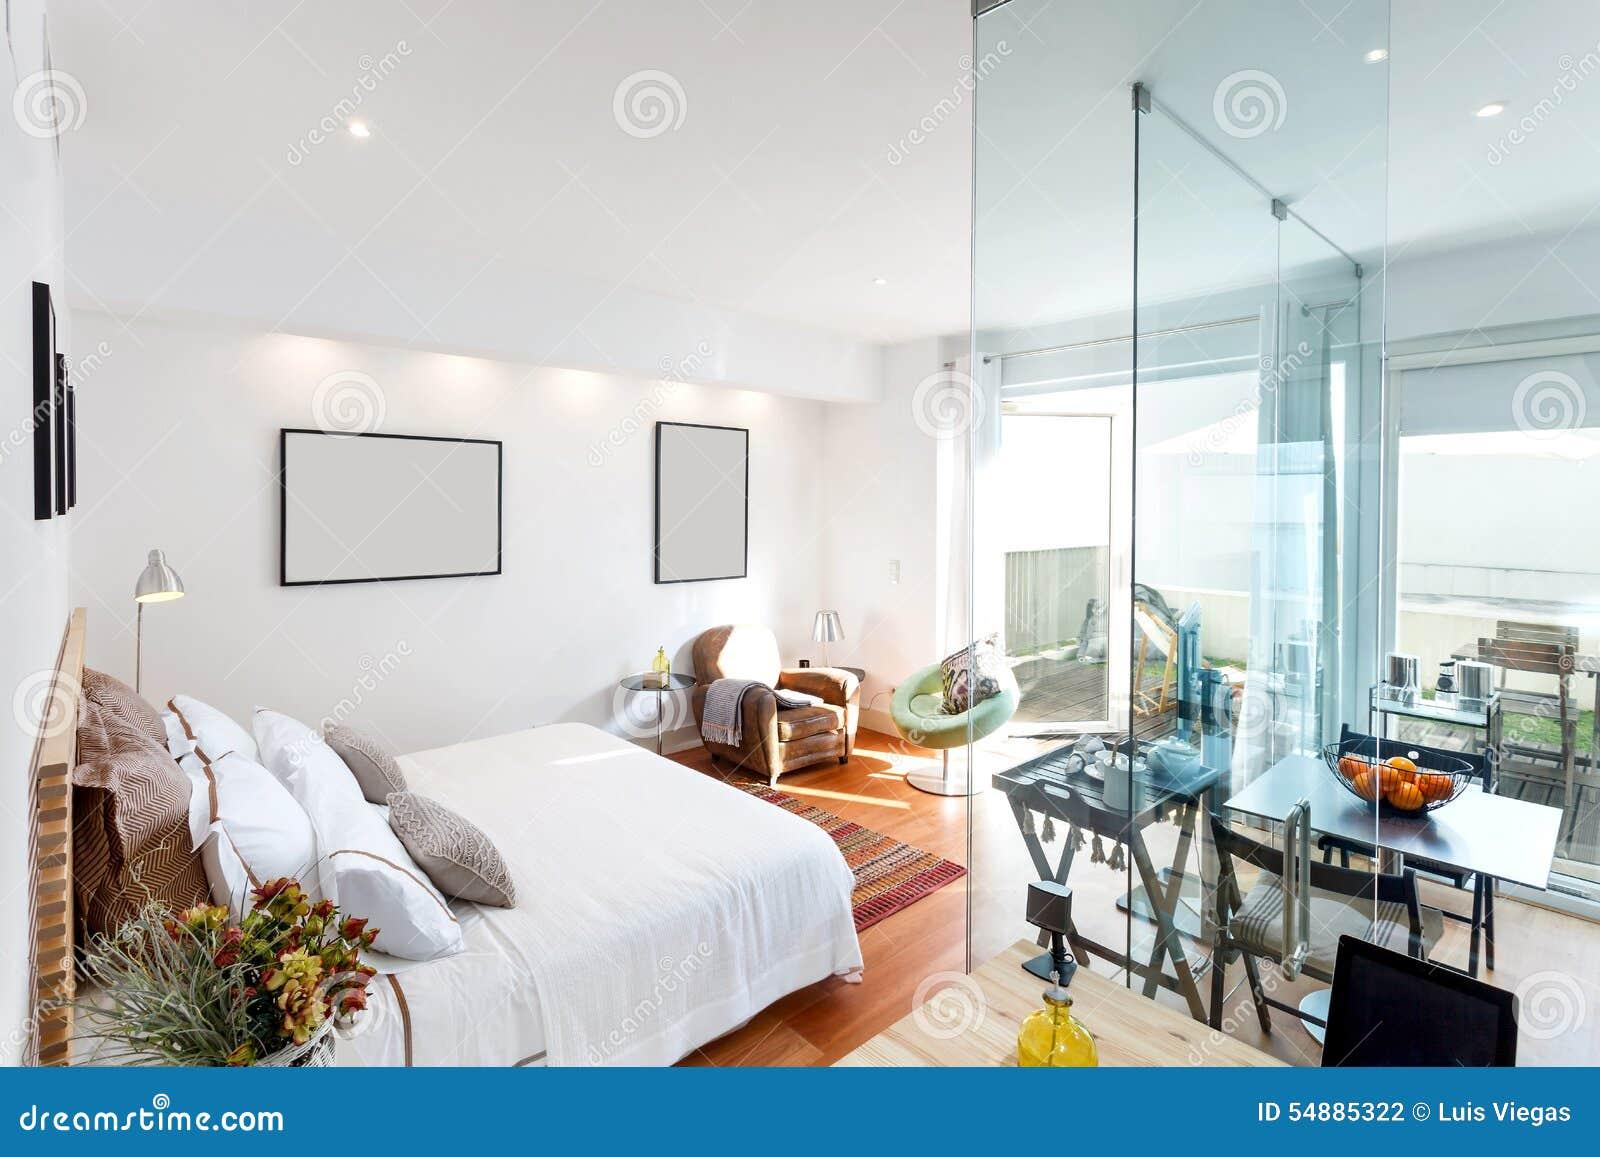 Maison Simple Moderne De Chambre à Coucher Photo stock - Image du ...